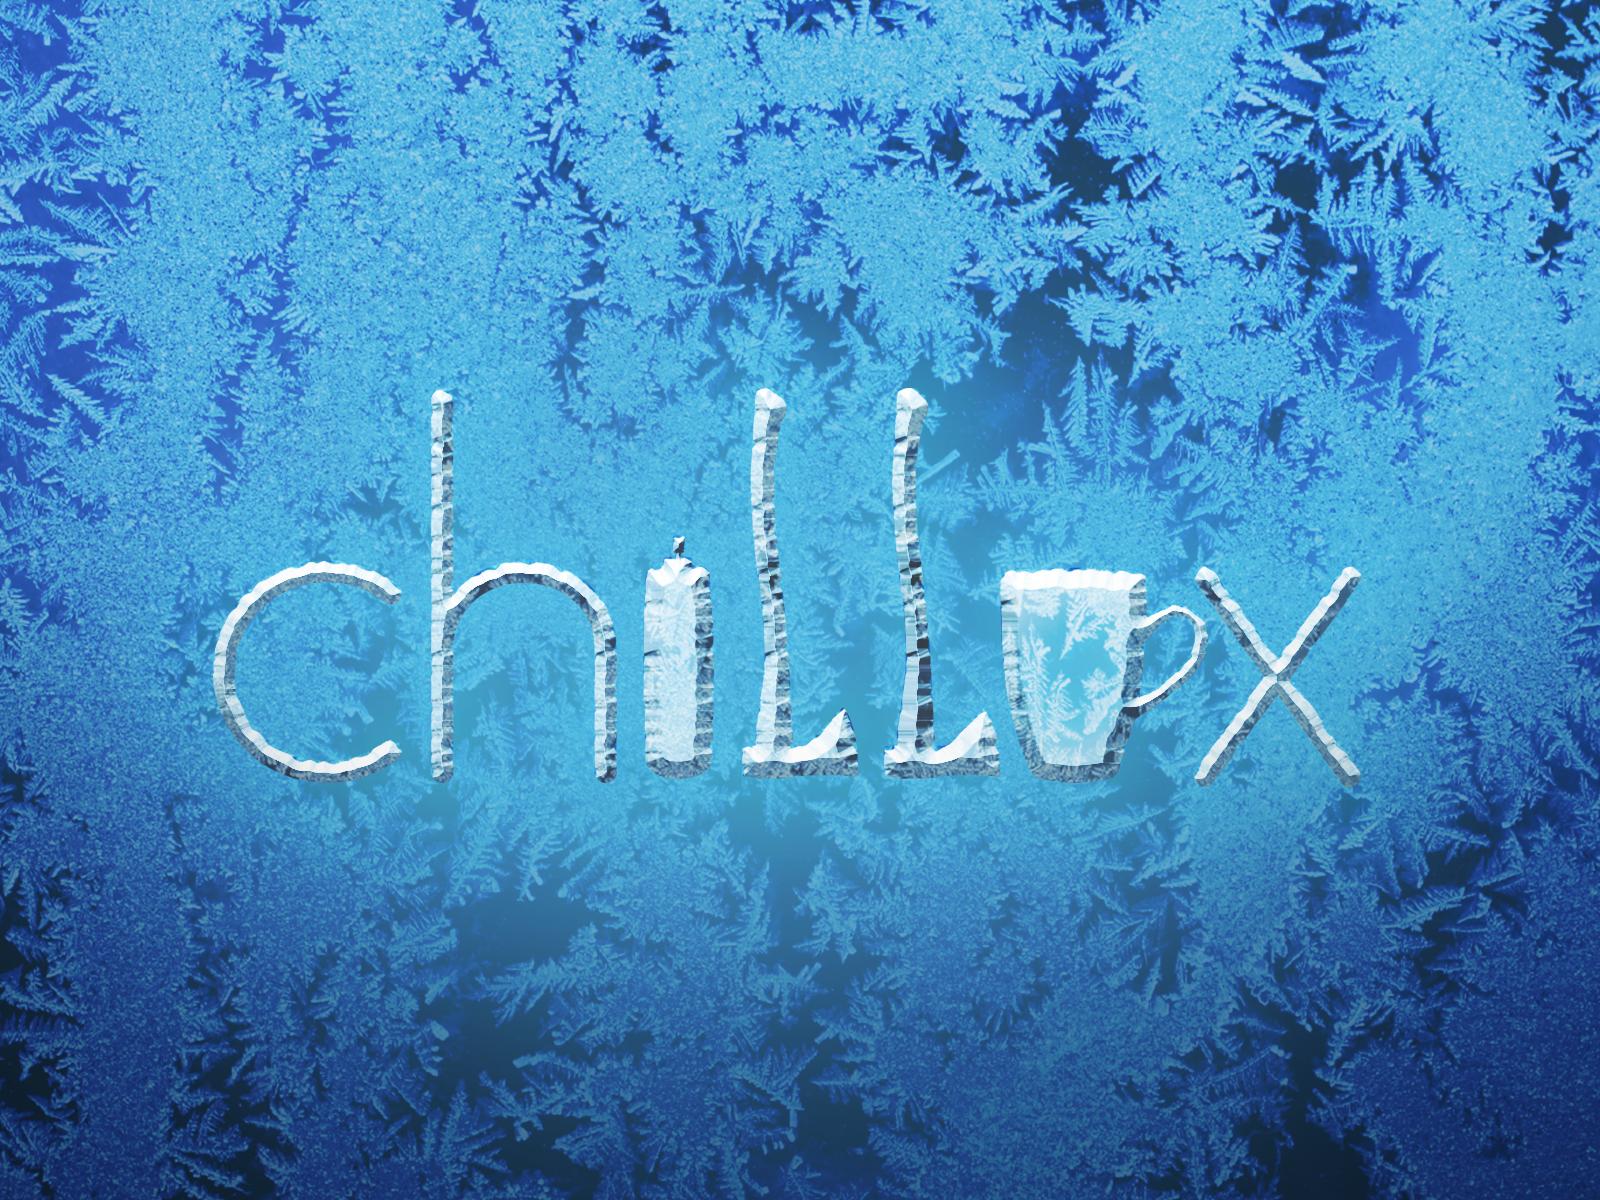 Wallpaper_Desktop_Standard_chillax.png